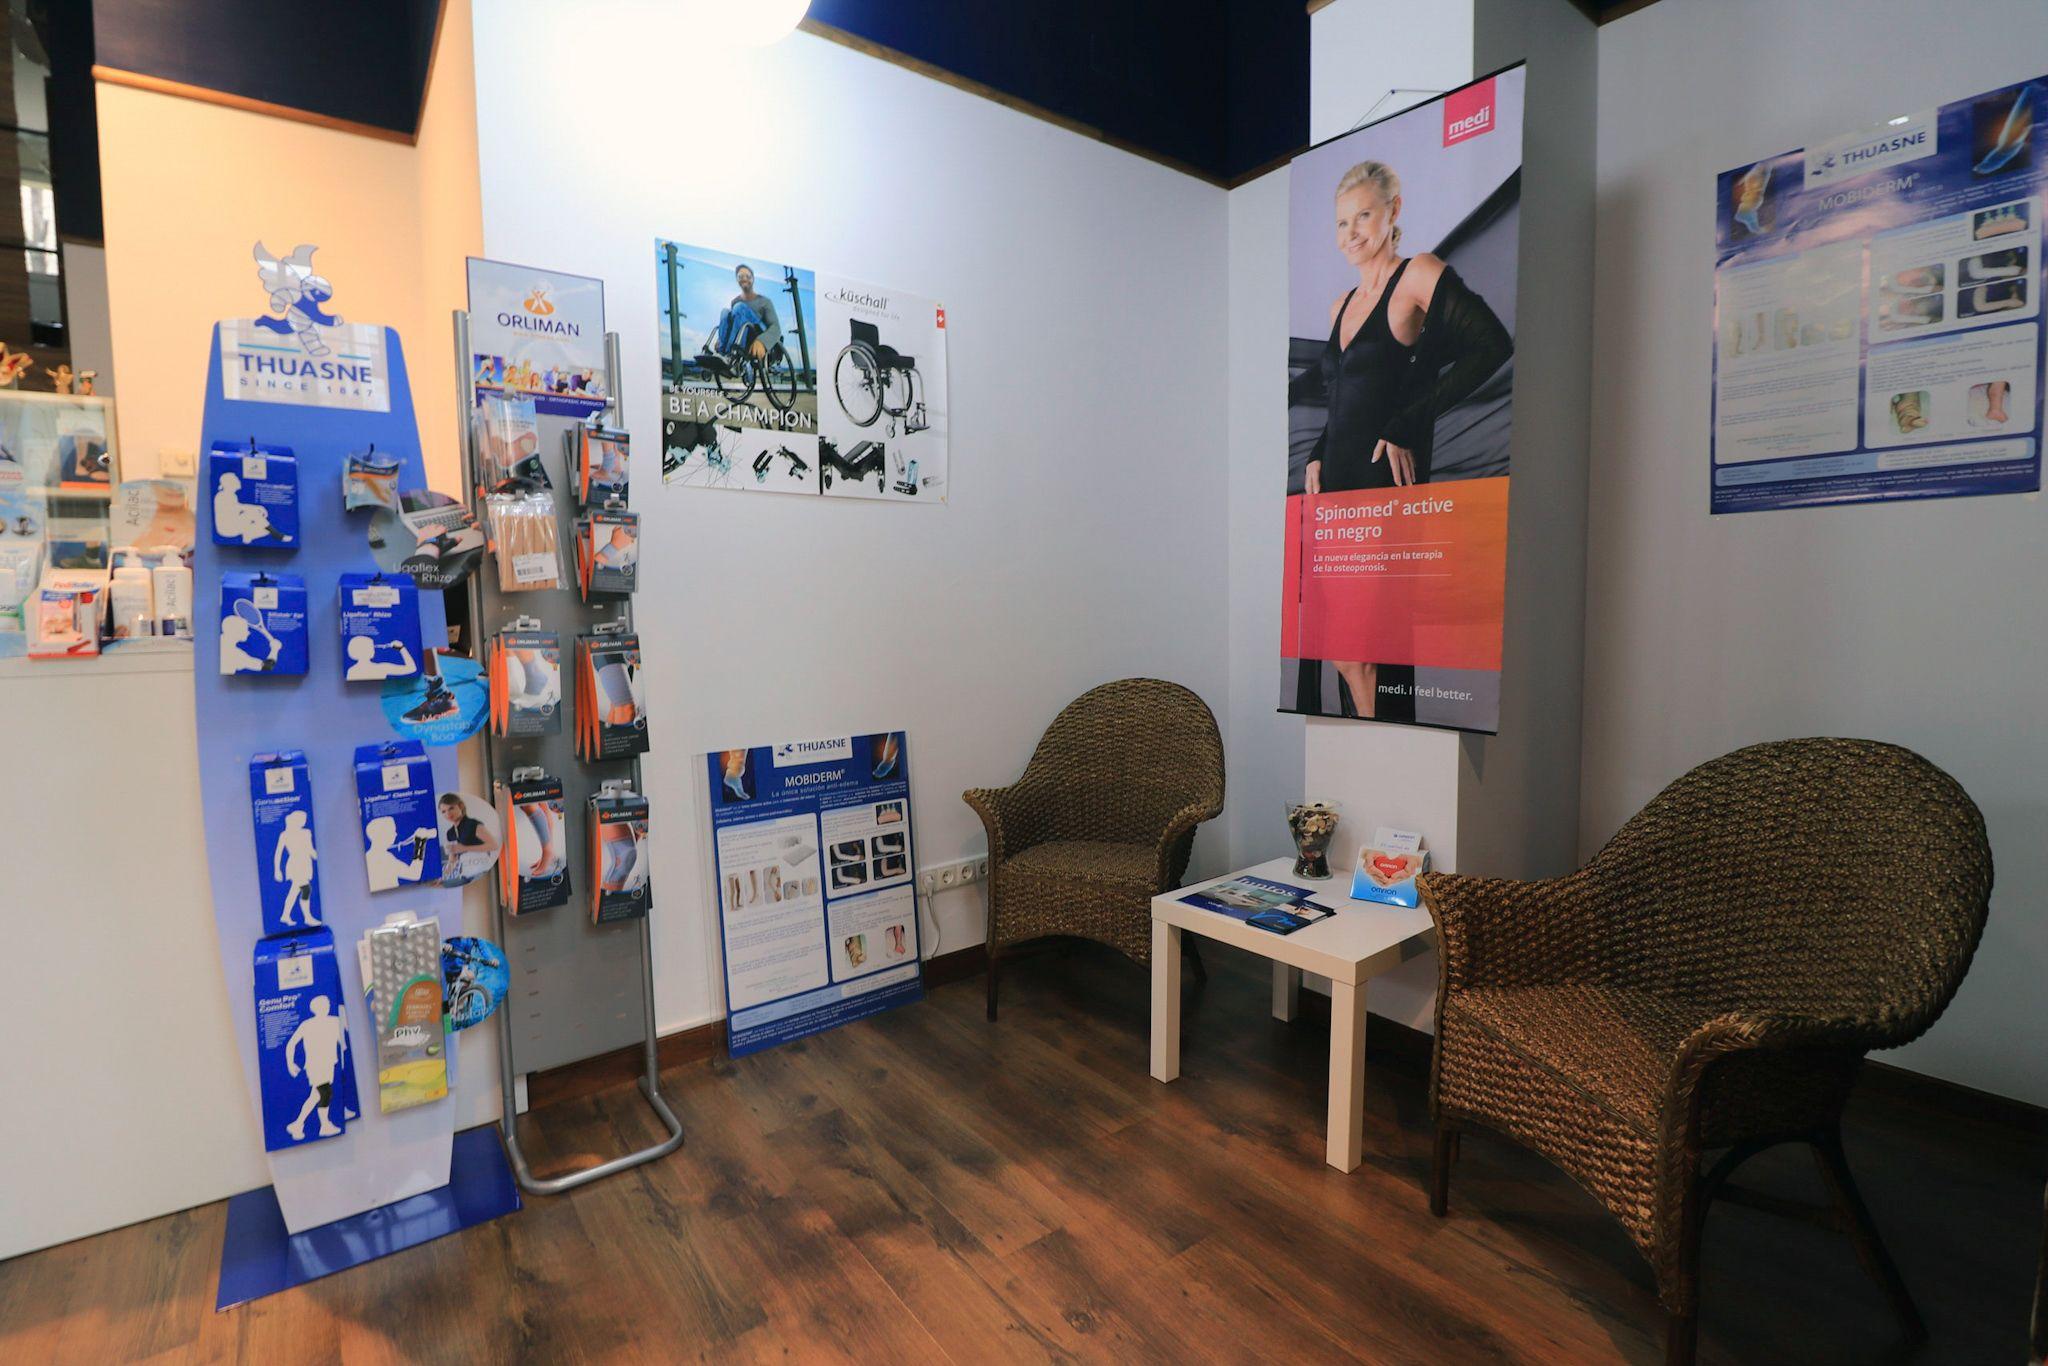 Ortopedia con productos para el descanso en Vitoria